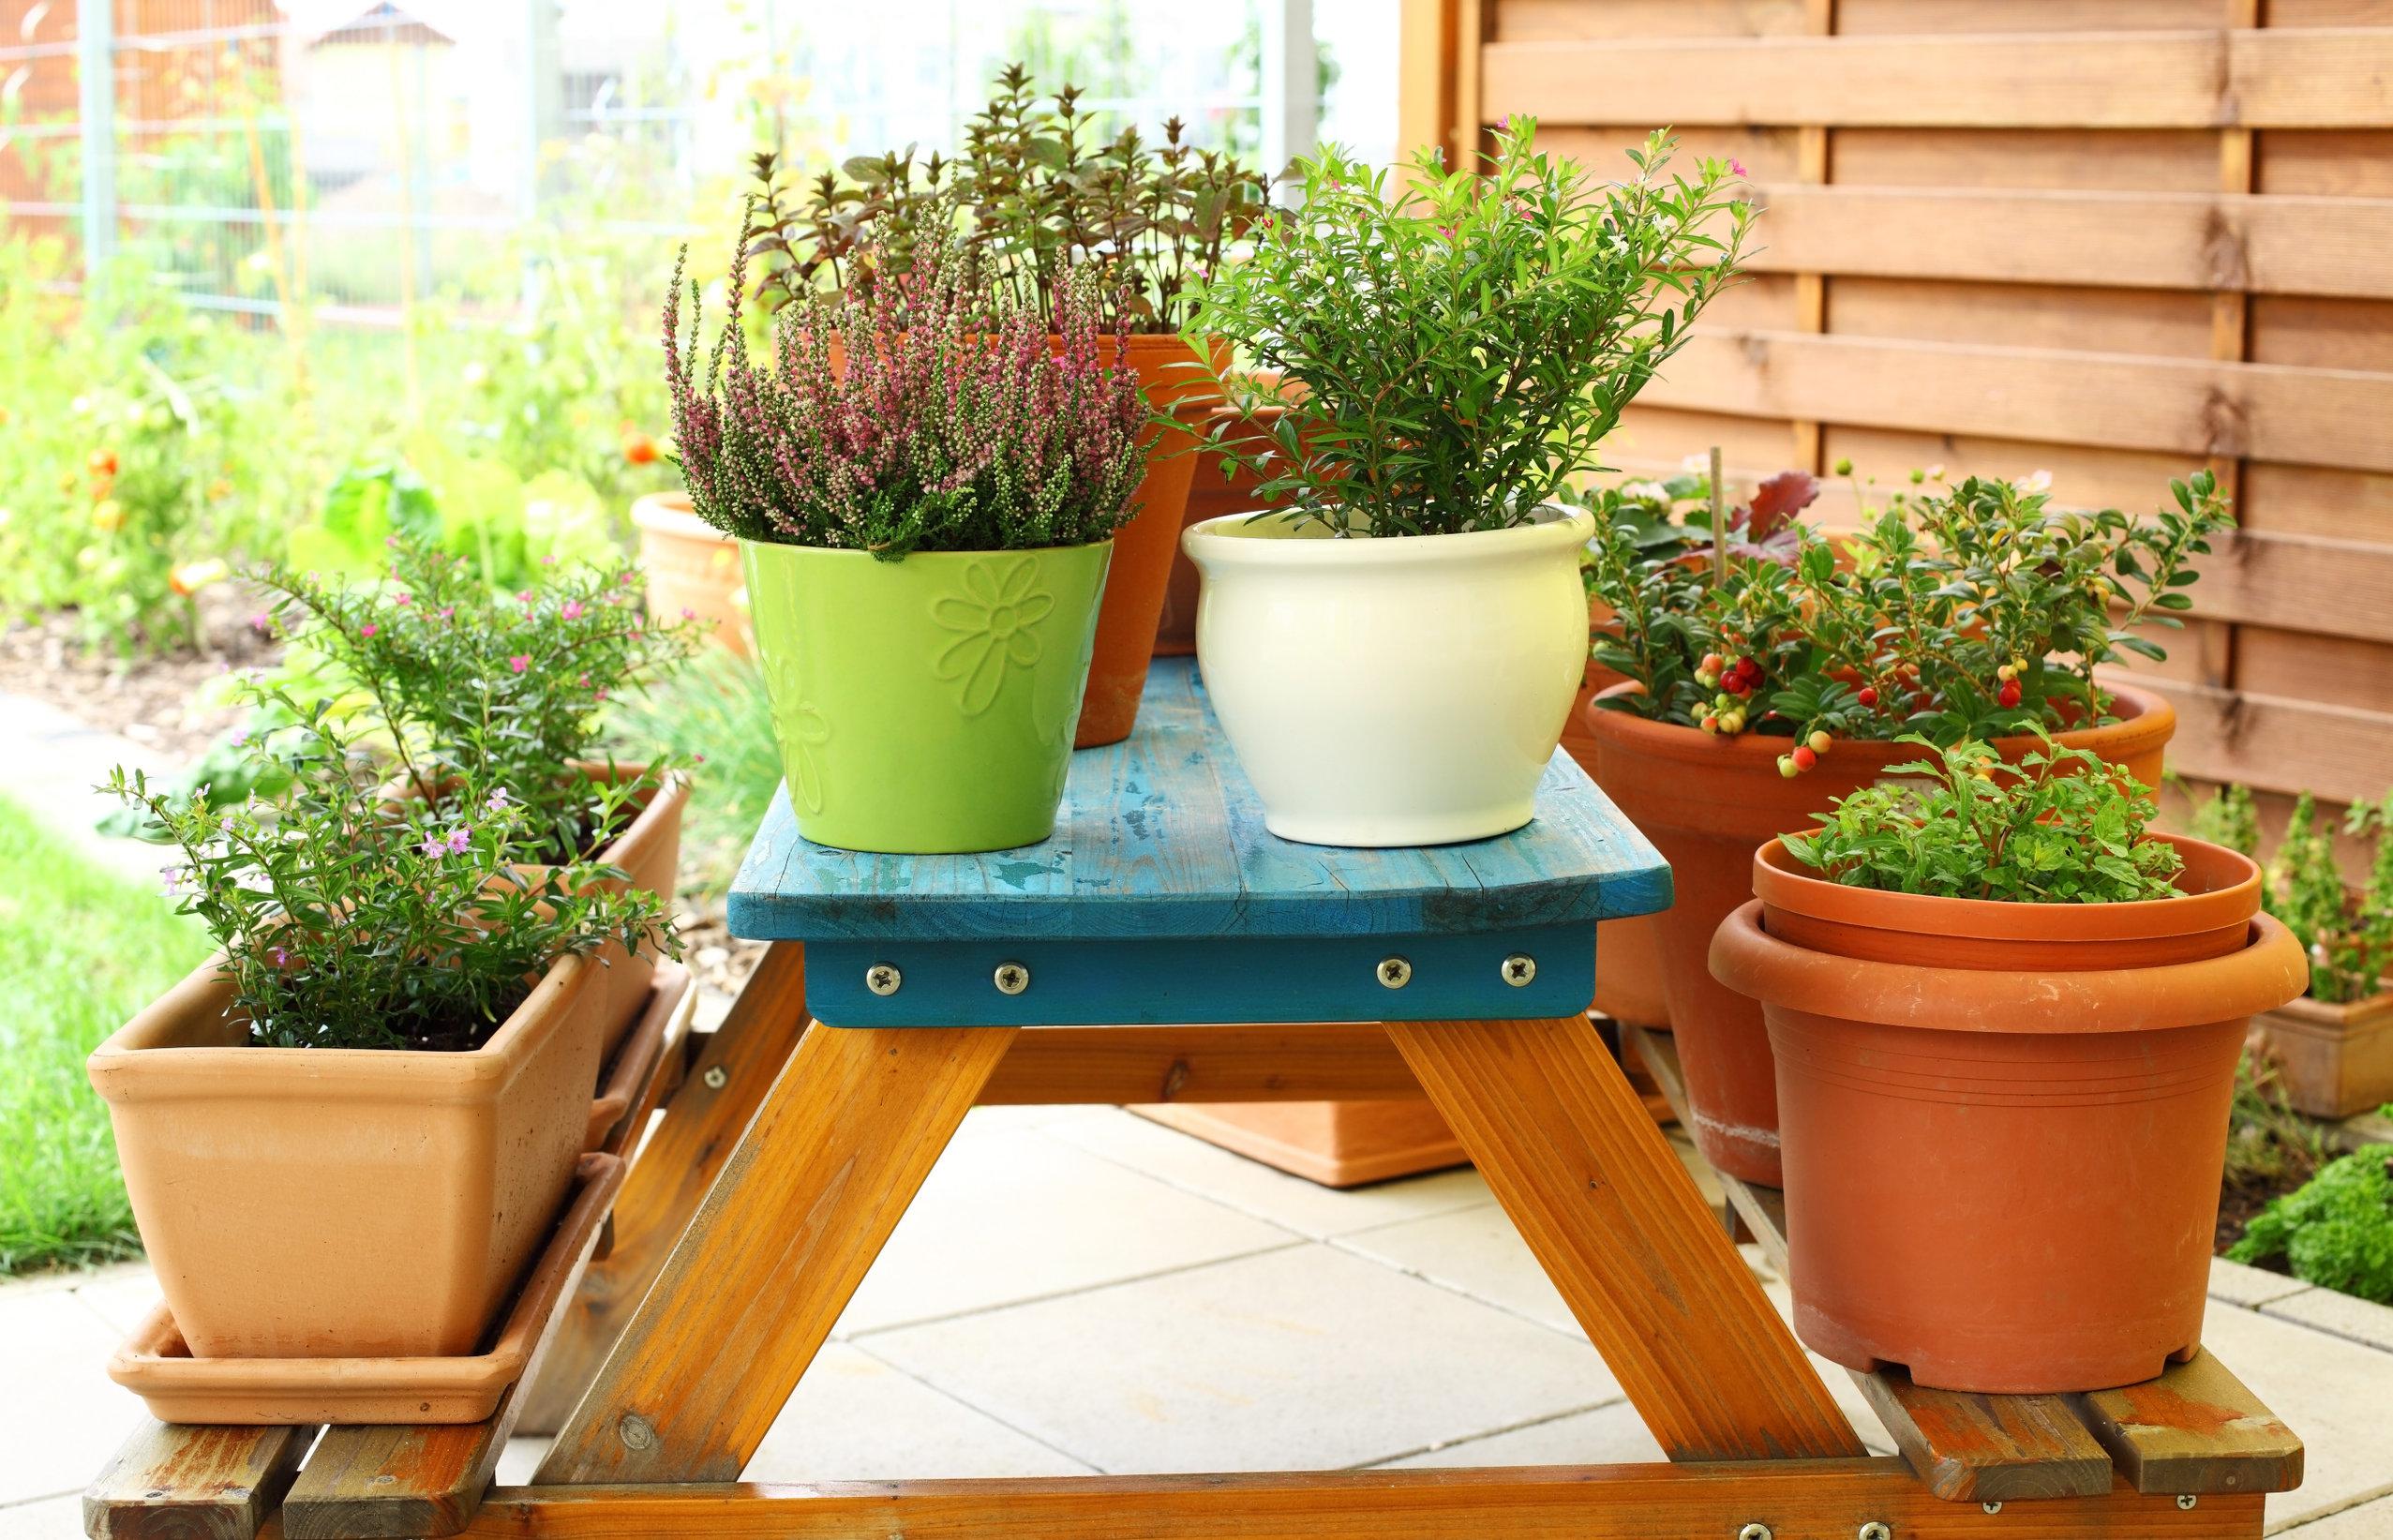 Varias macetas en mesa de madera